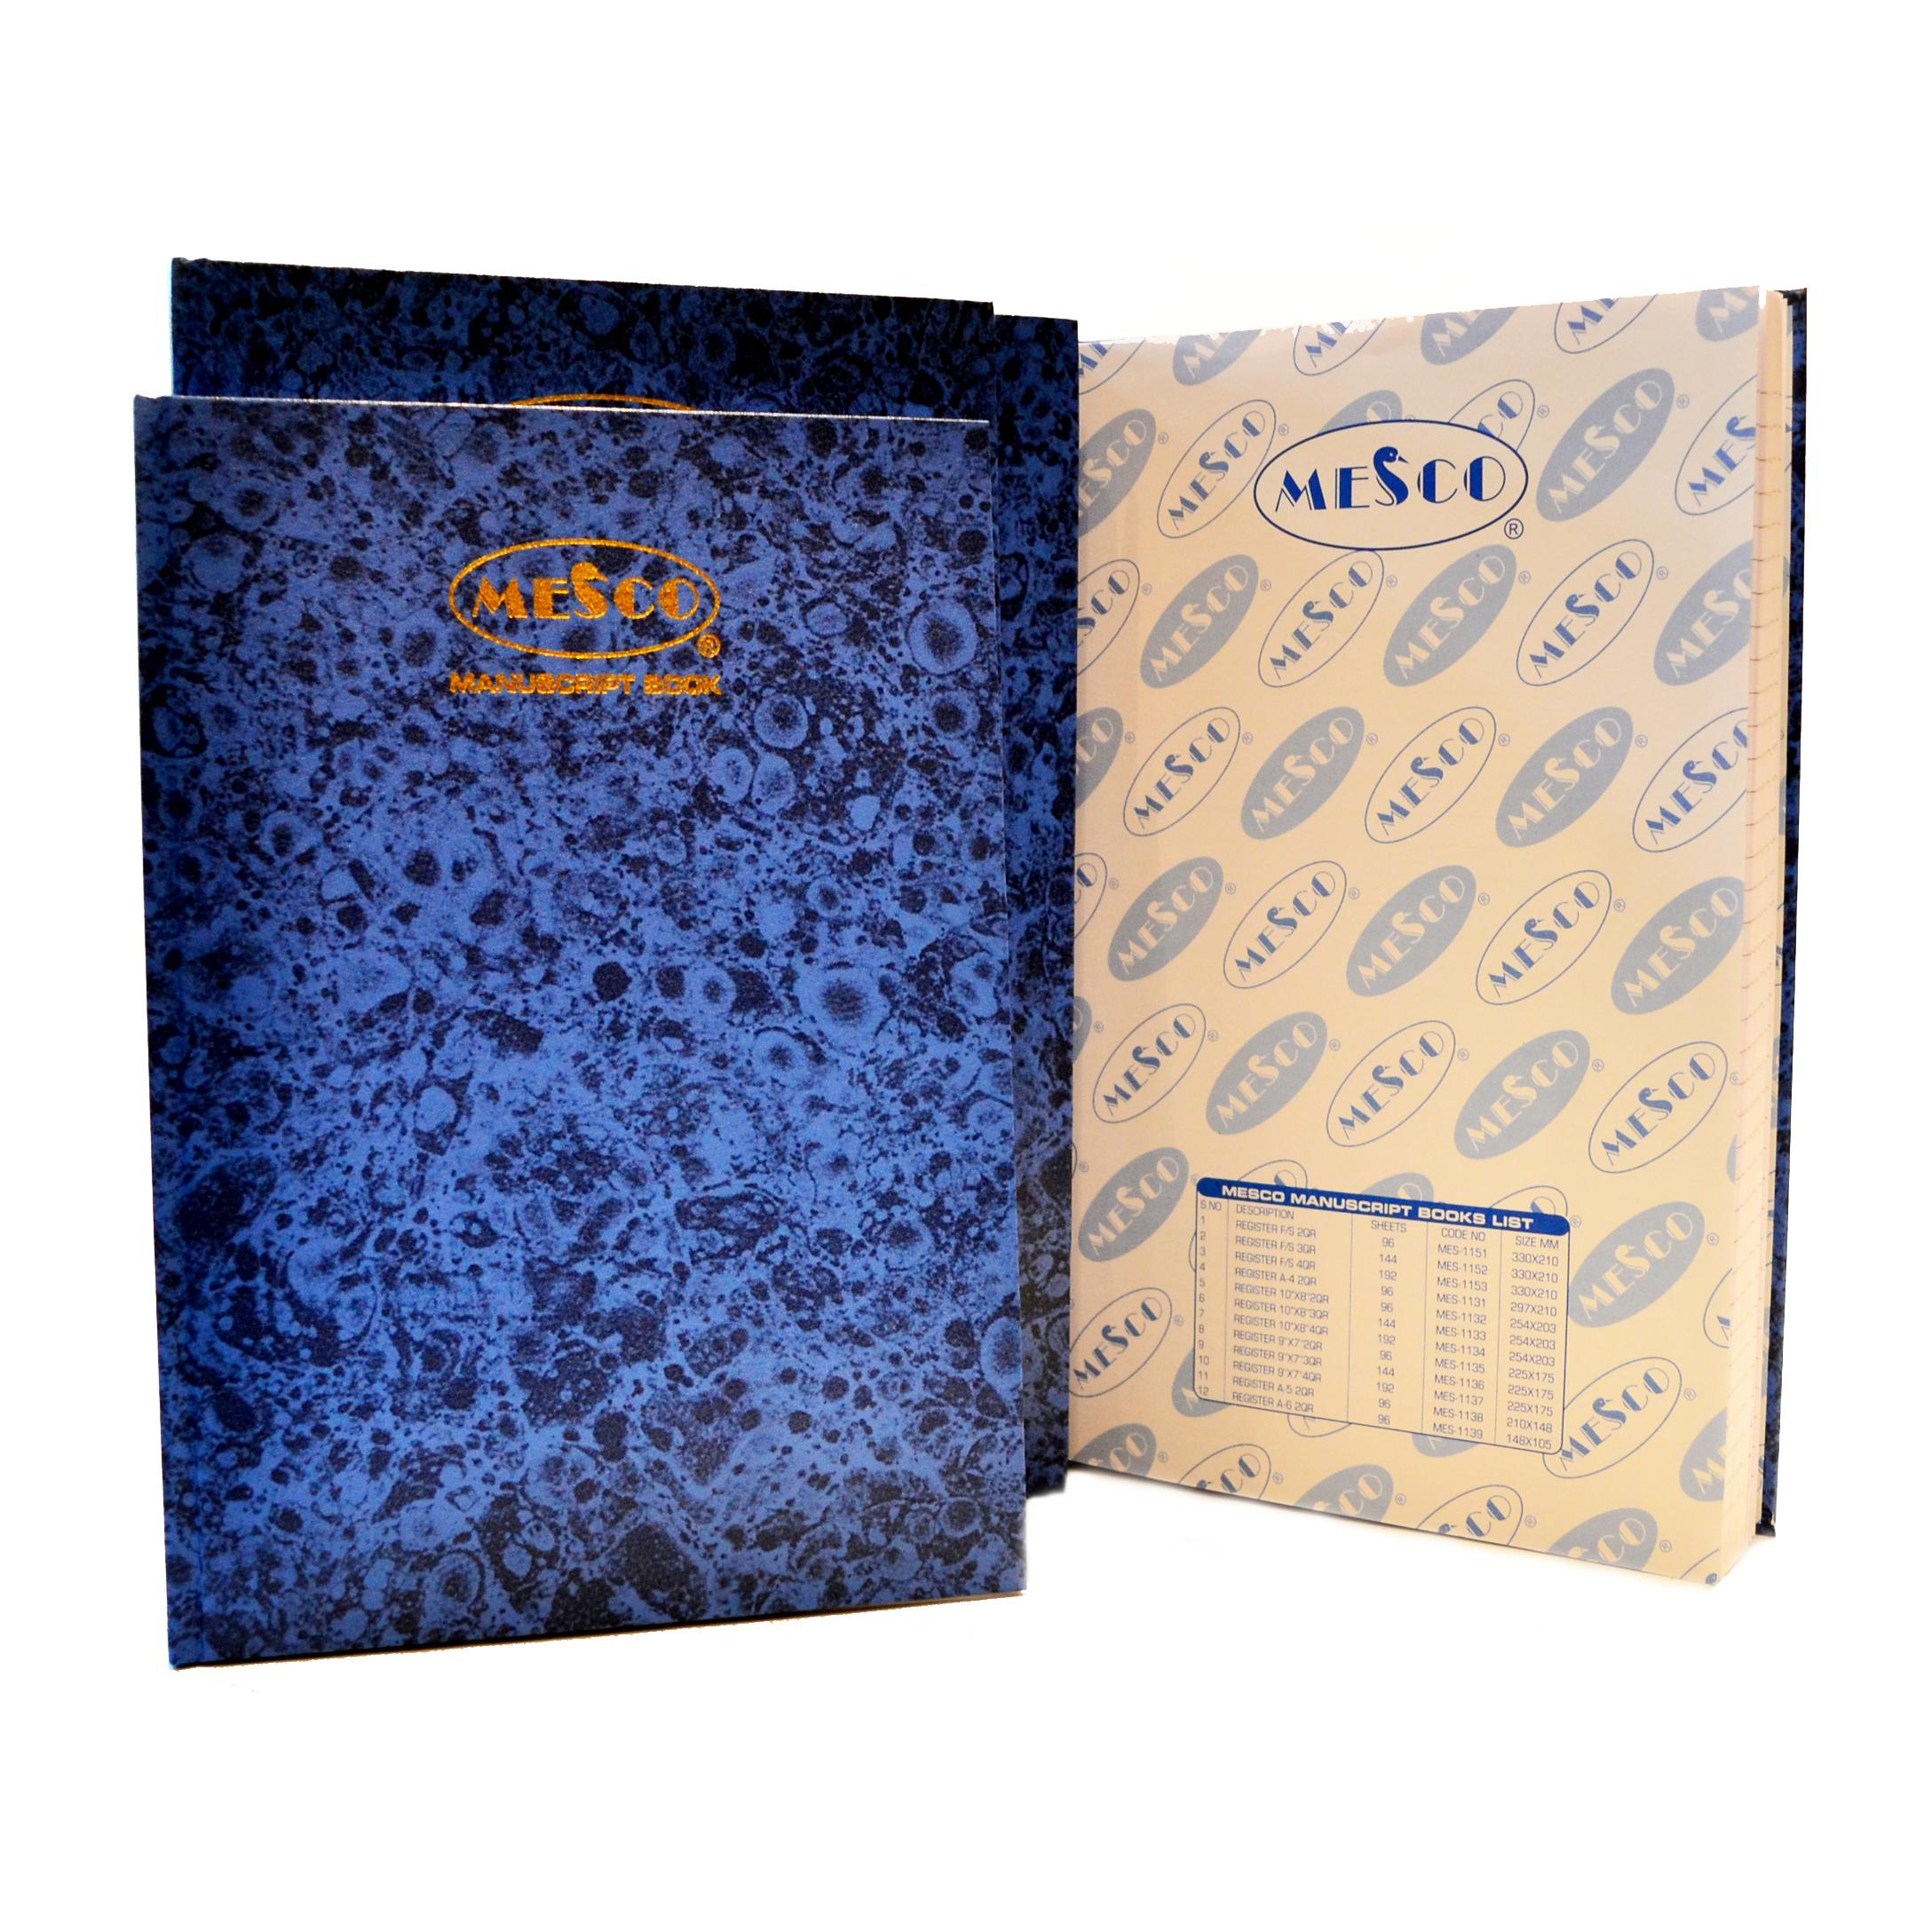 Mesco MES-1151 Manuscript Book 2Q - FS (pc)